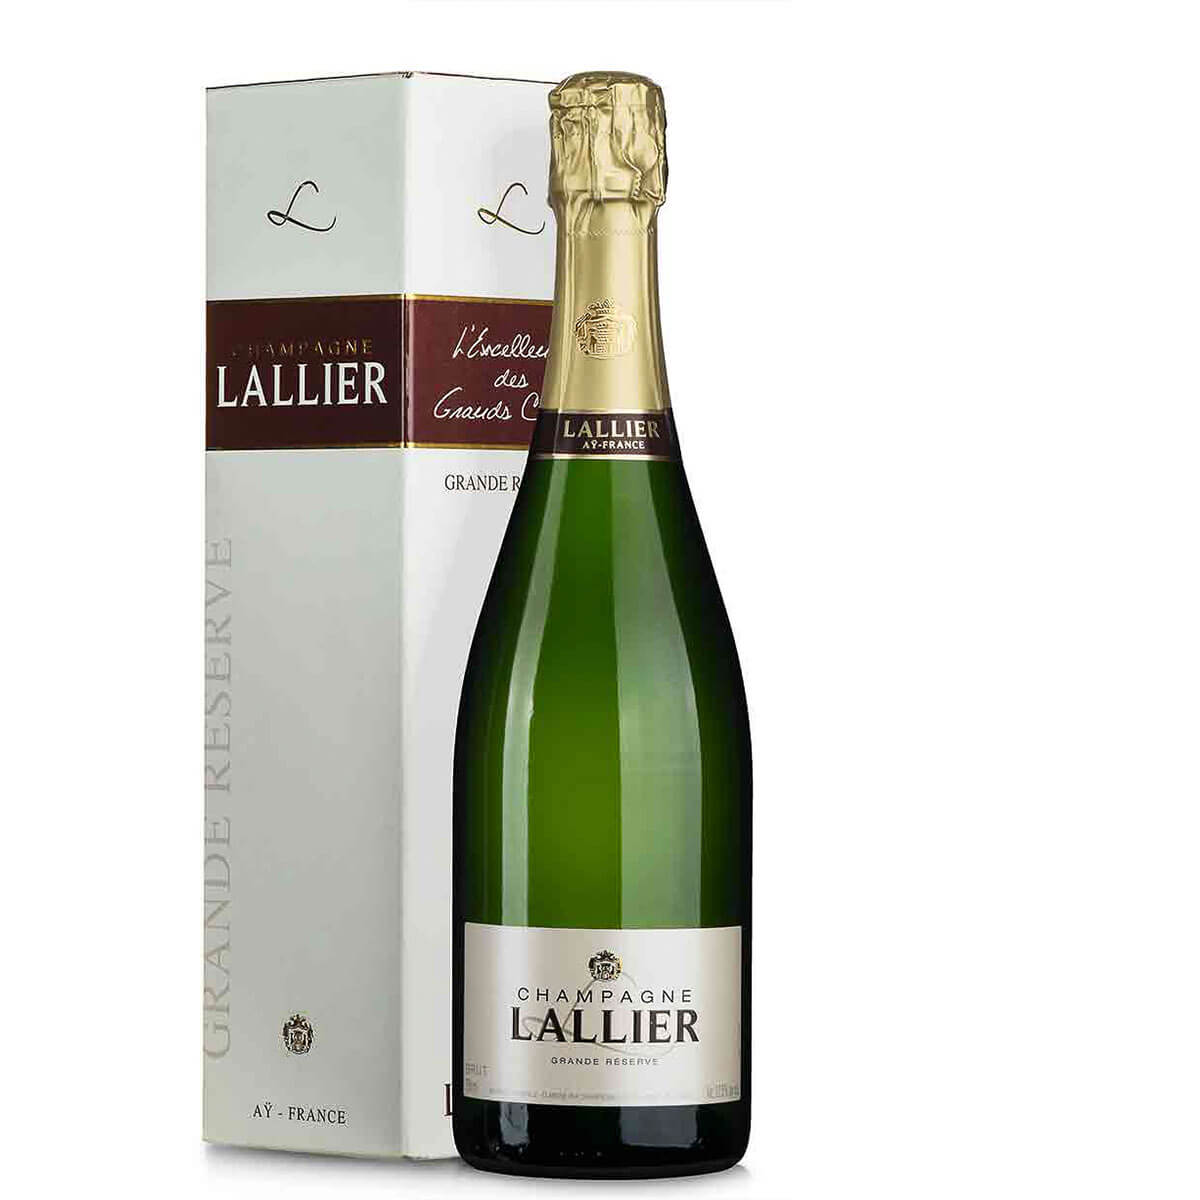 Lallier Champagner Grande Reserve Grand Cru im Geschenkkarton